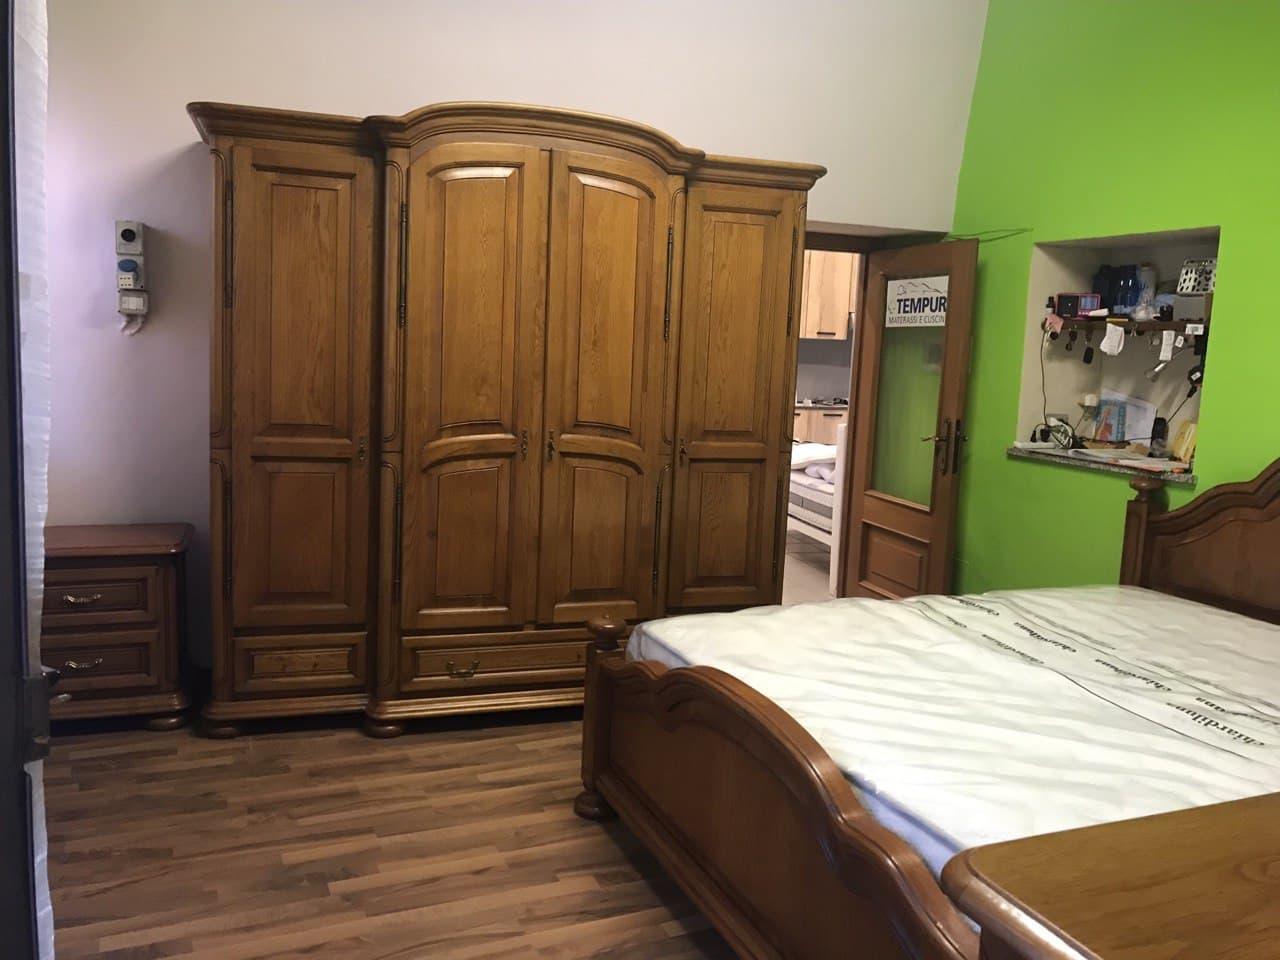 camera completa in legno massiccio